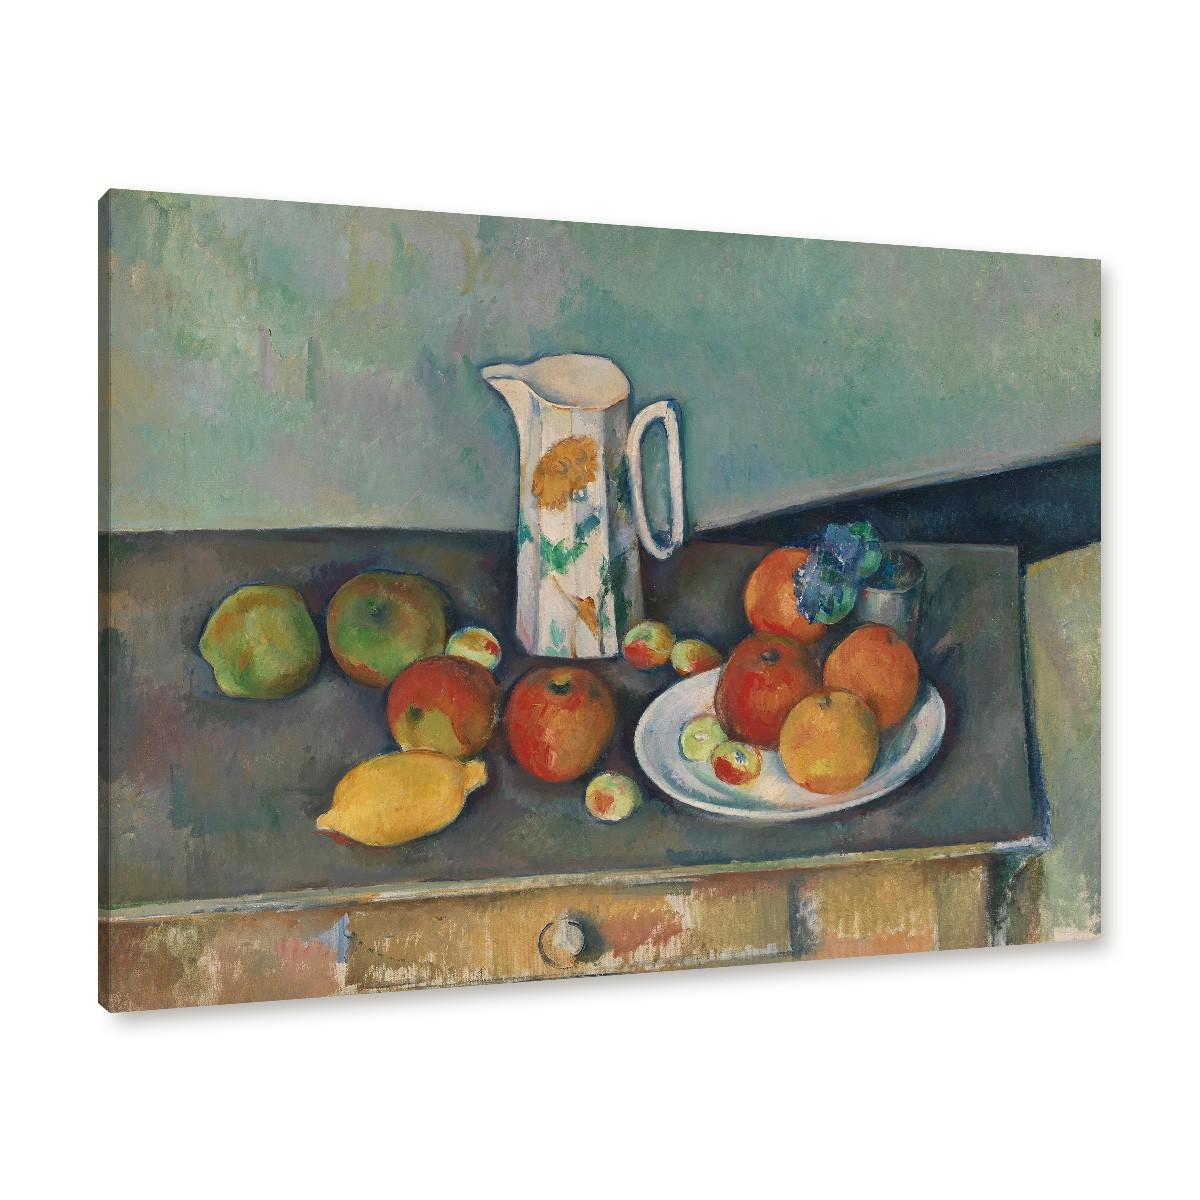 Tisch gezeichnet  Paul Cézanne - Stillleben mit Milchkrug und Früchten auf einem Tisch